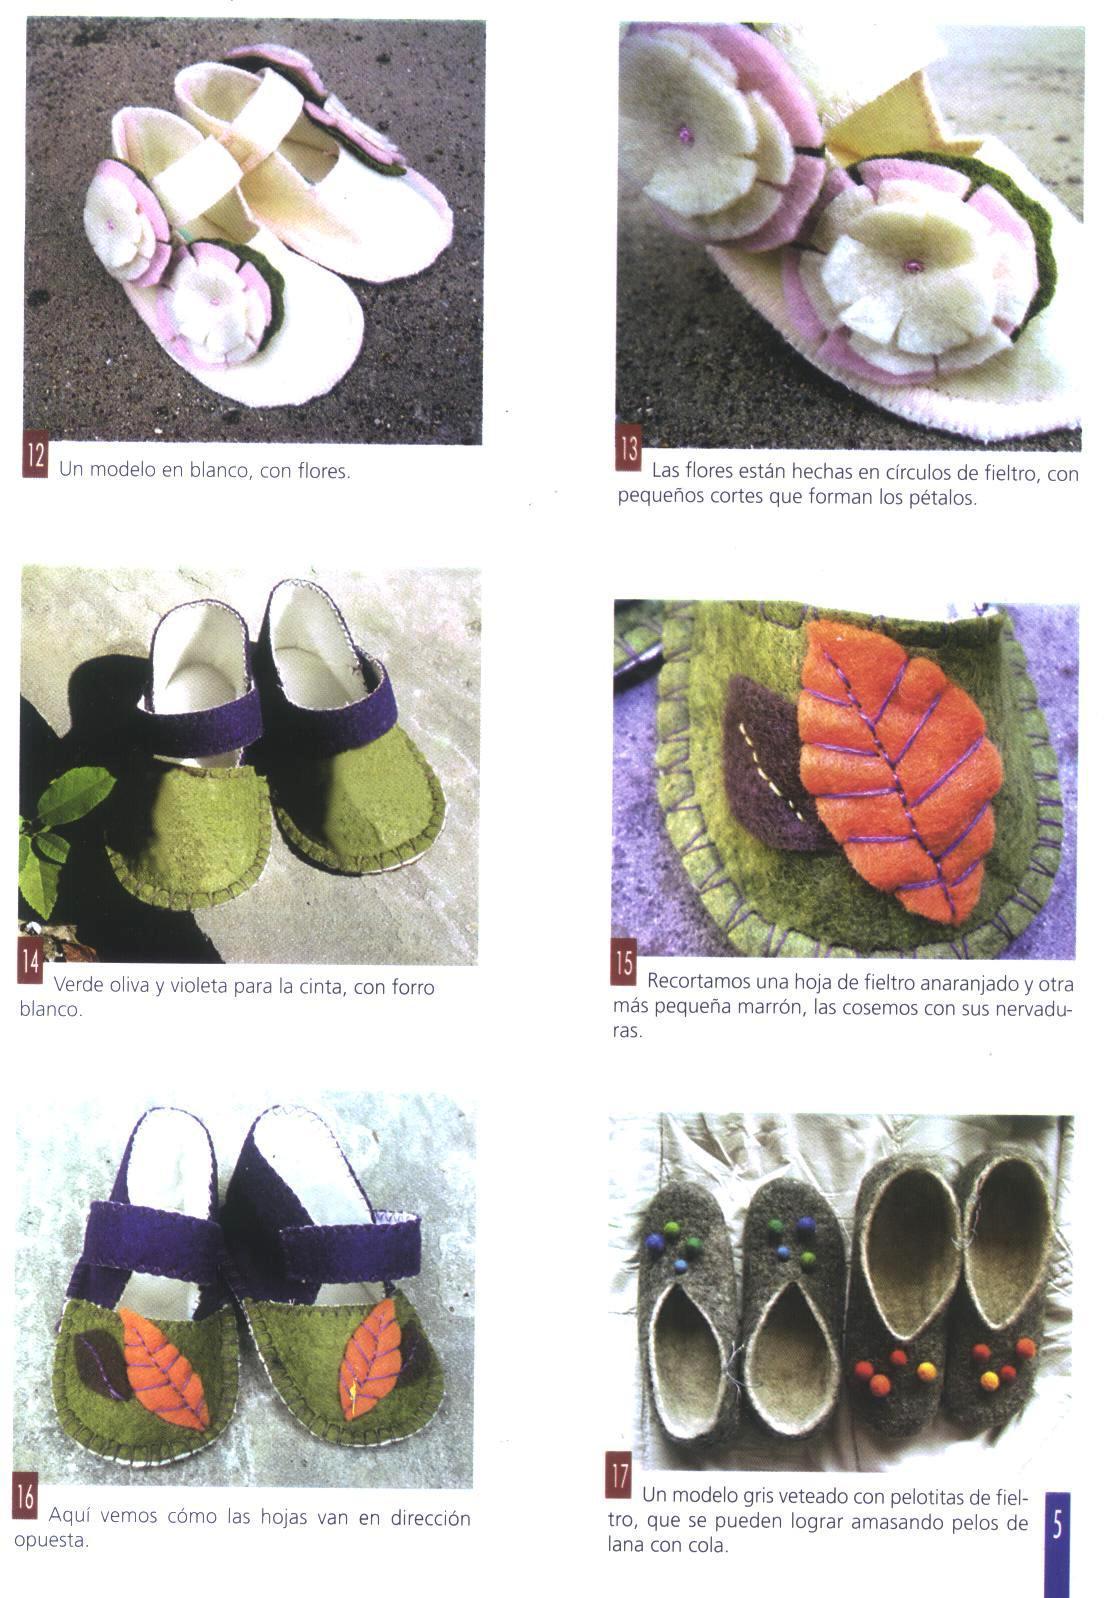 Manualidades para decorar como crear paso a paso zapatitos de fieltro para bebe - Manualidades de fieltro paso a paso ...